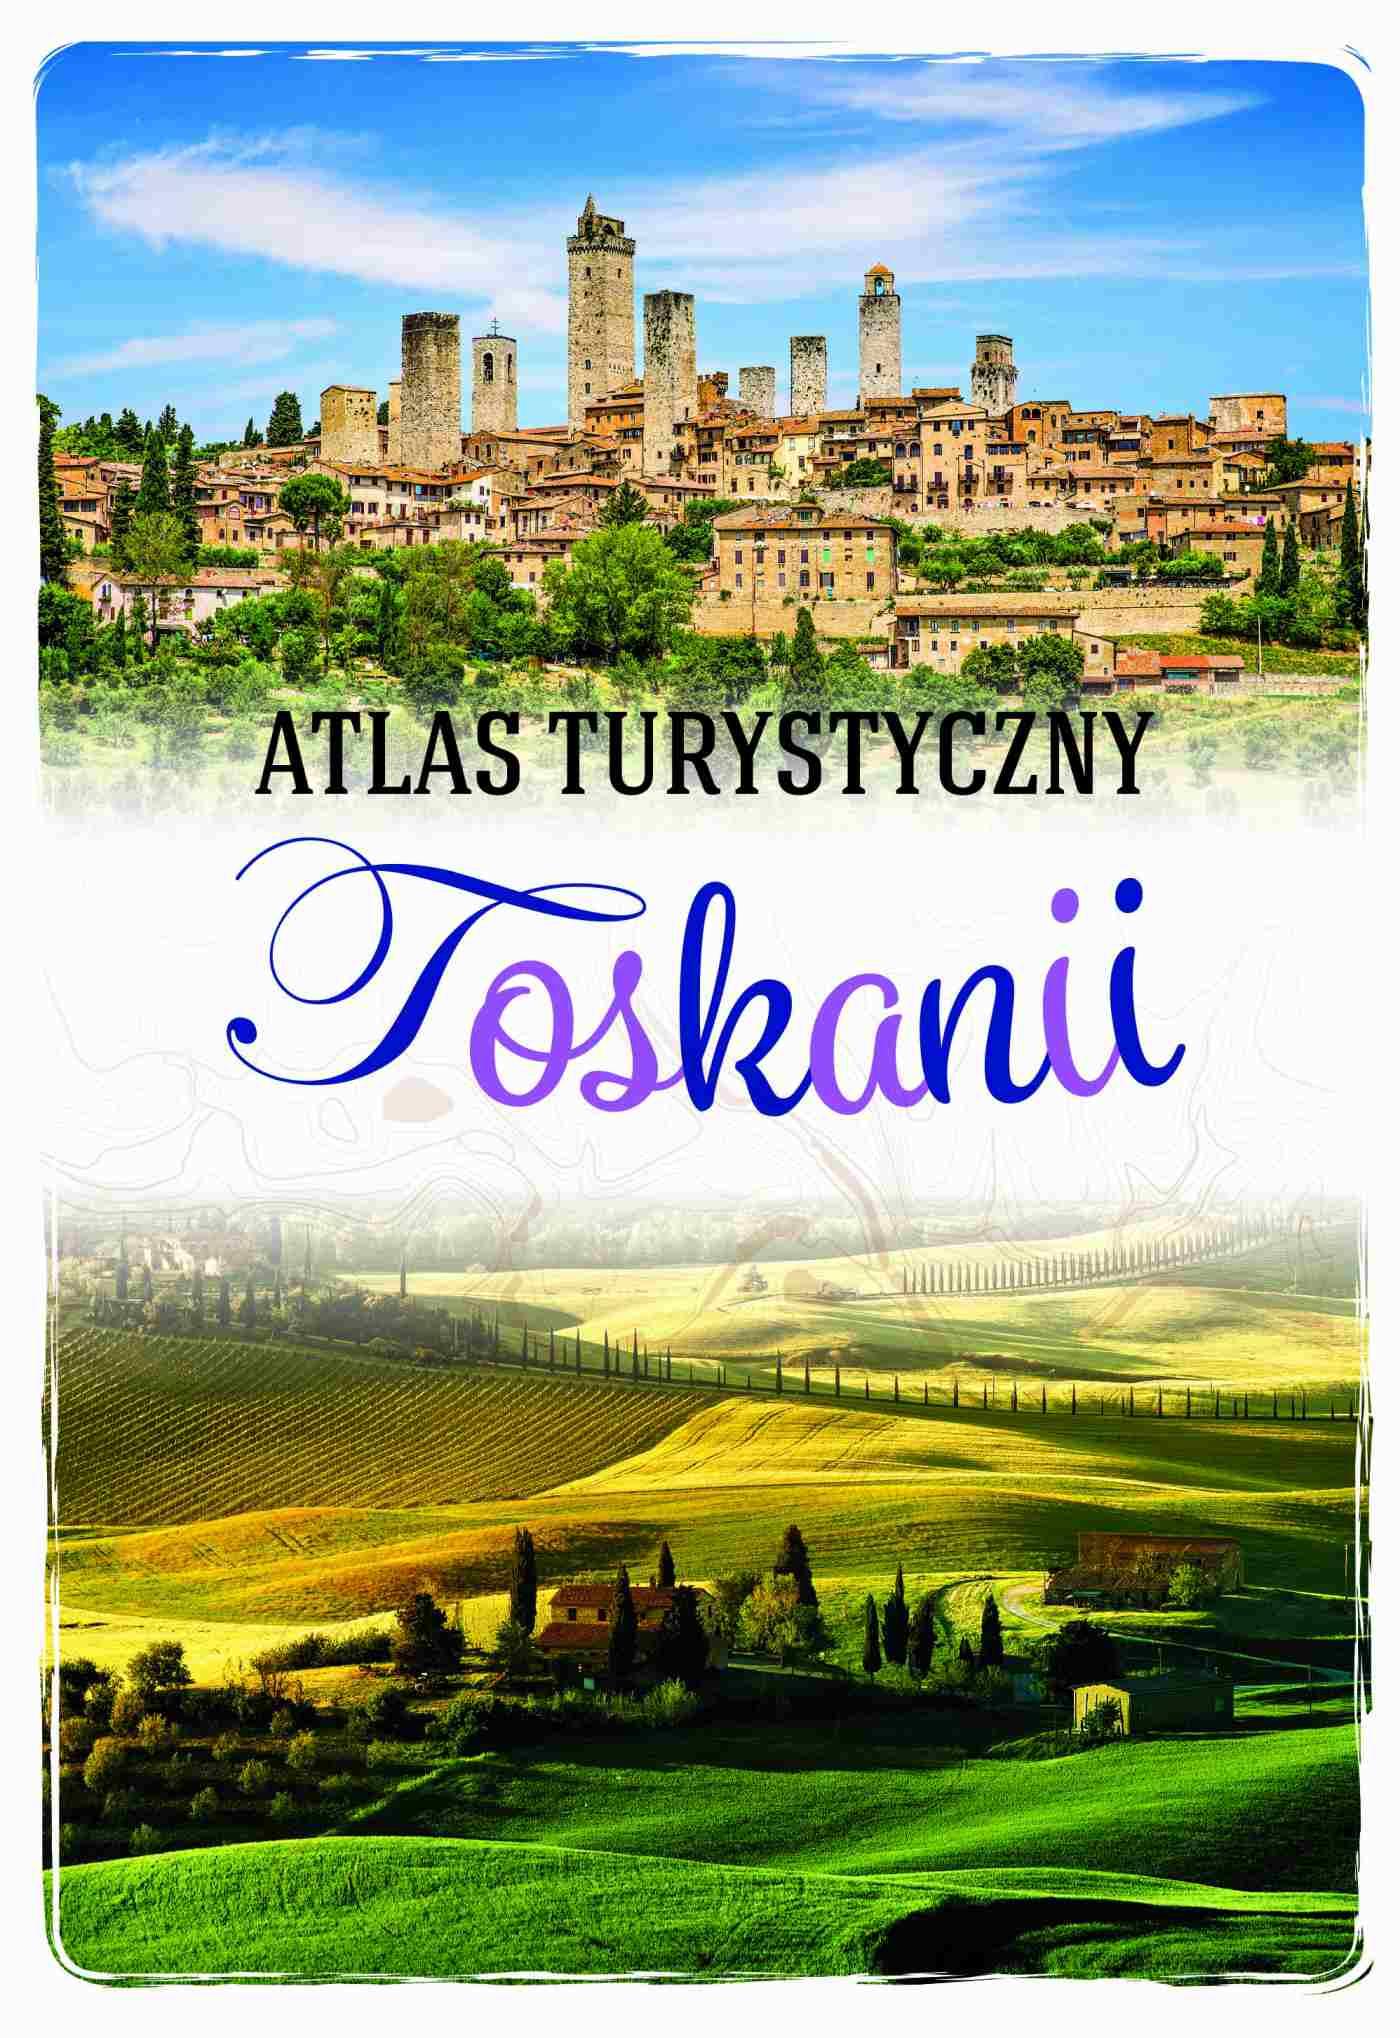 Atlas turystyczny Toskanii - Ebook (Książka PDF) do pobrania w formacie PDF